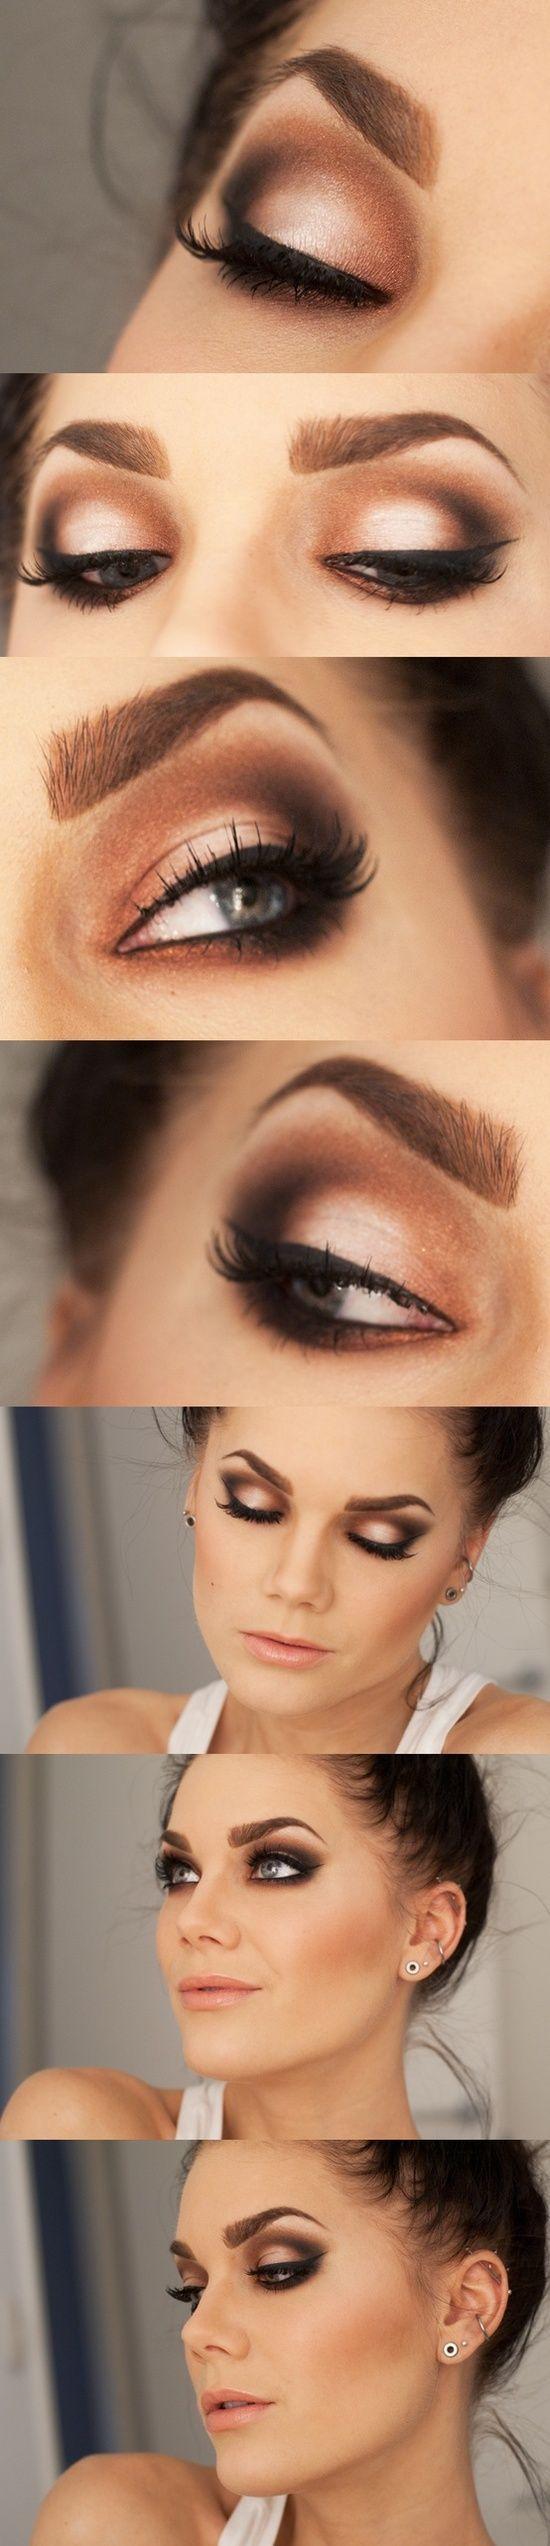 rose smokey #Eye Makeup| http://eye-makeup.lemoncoin.org